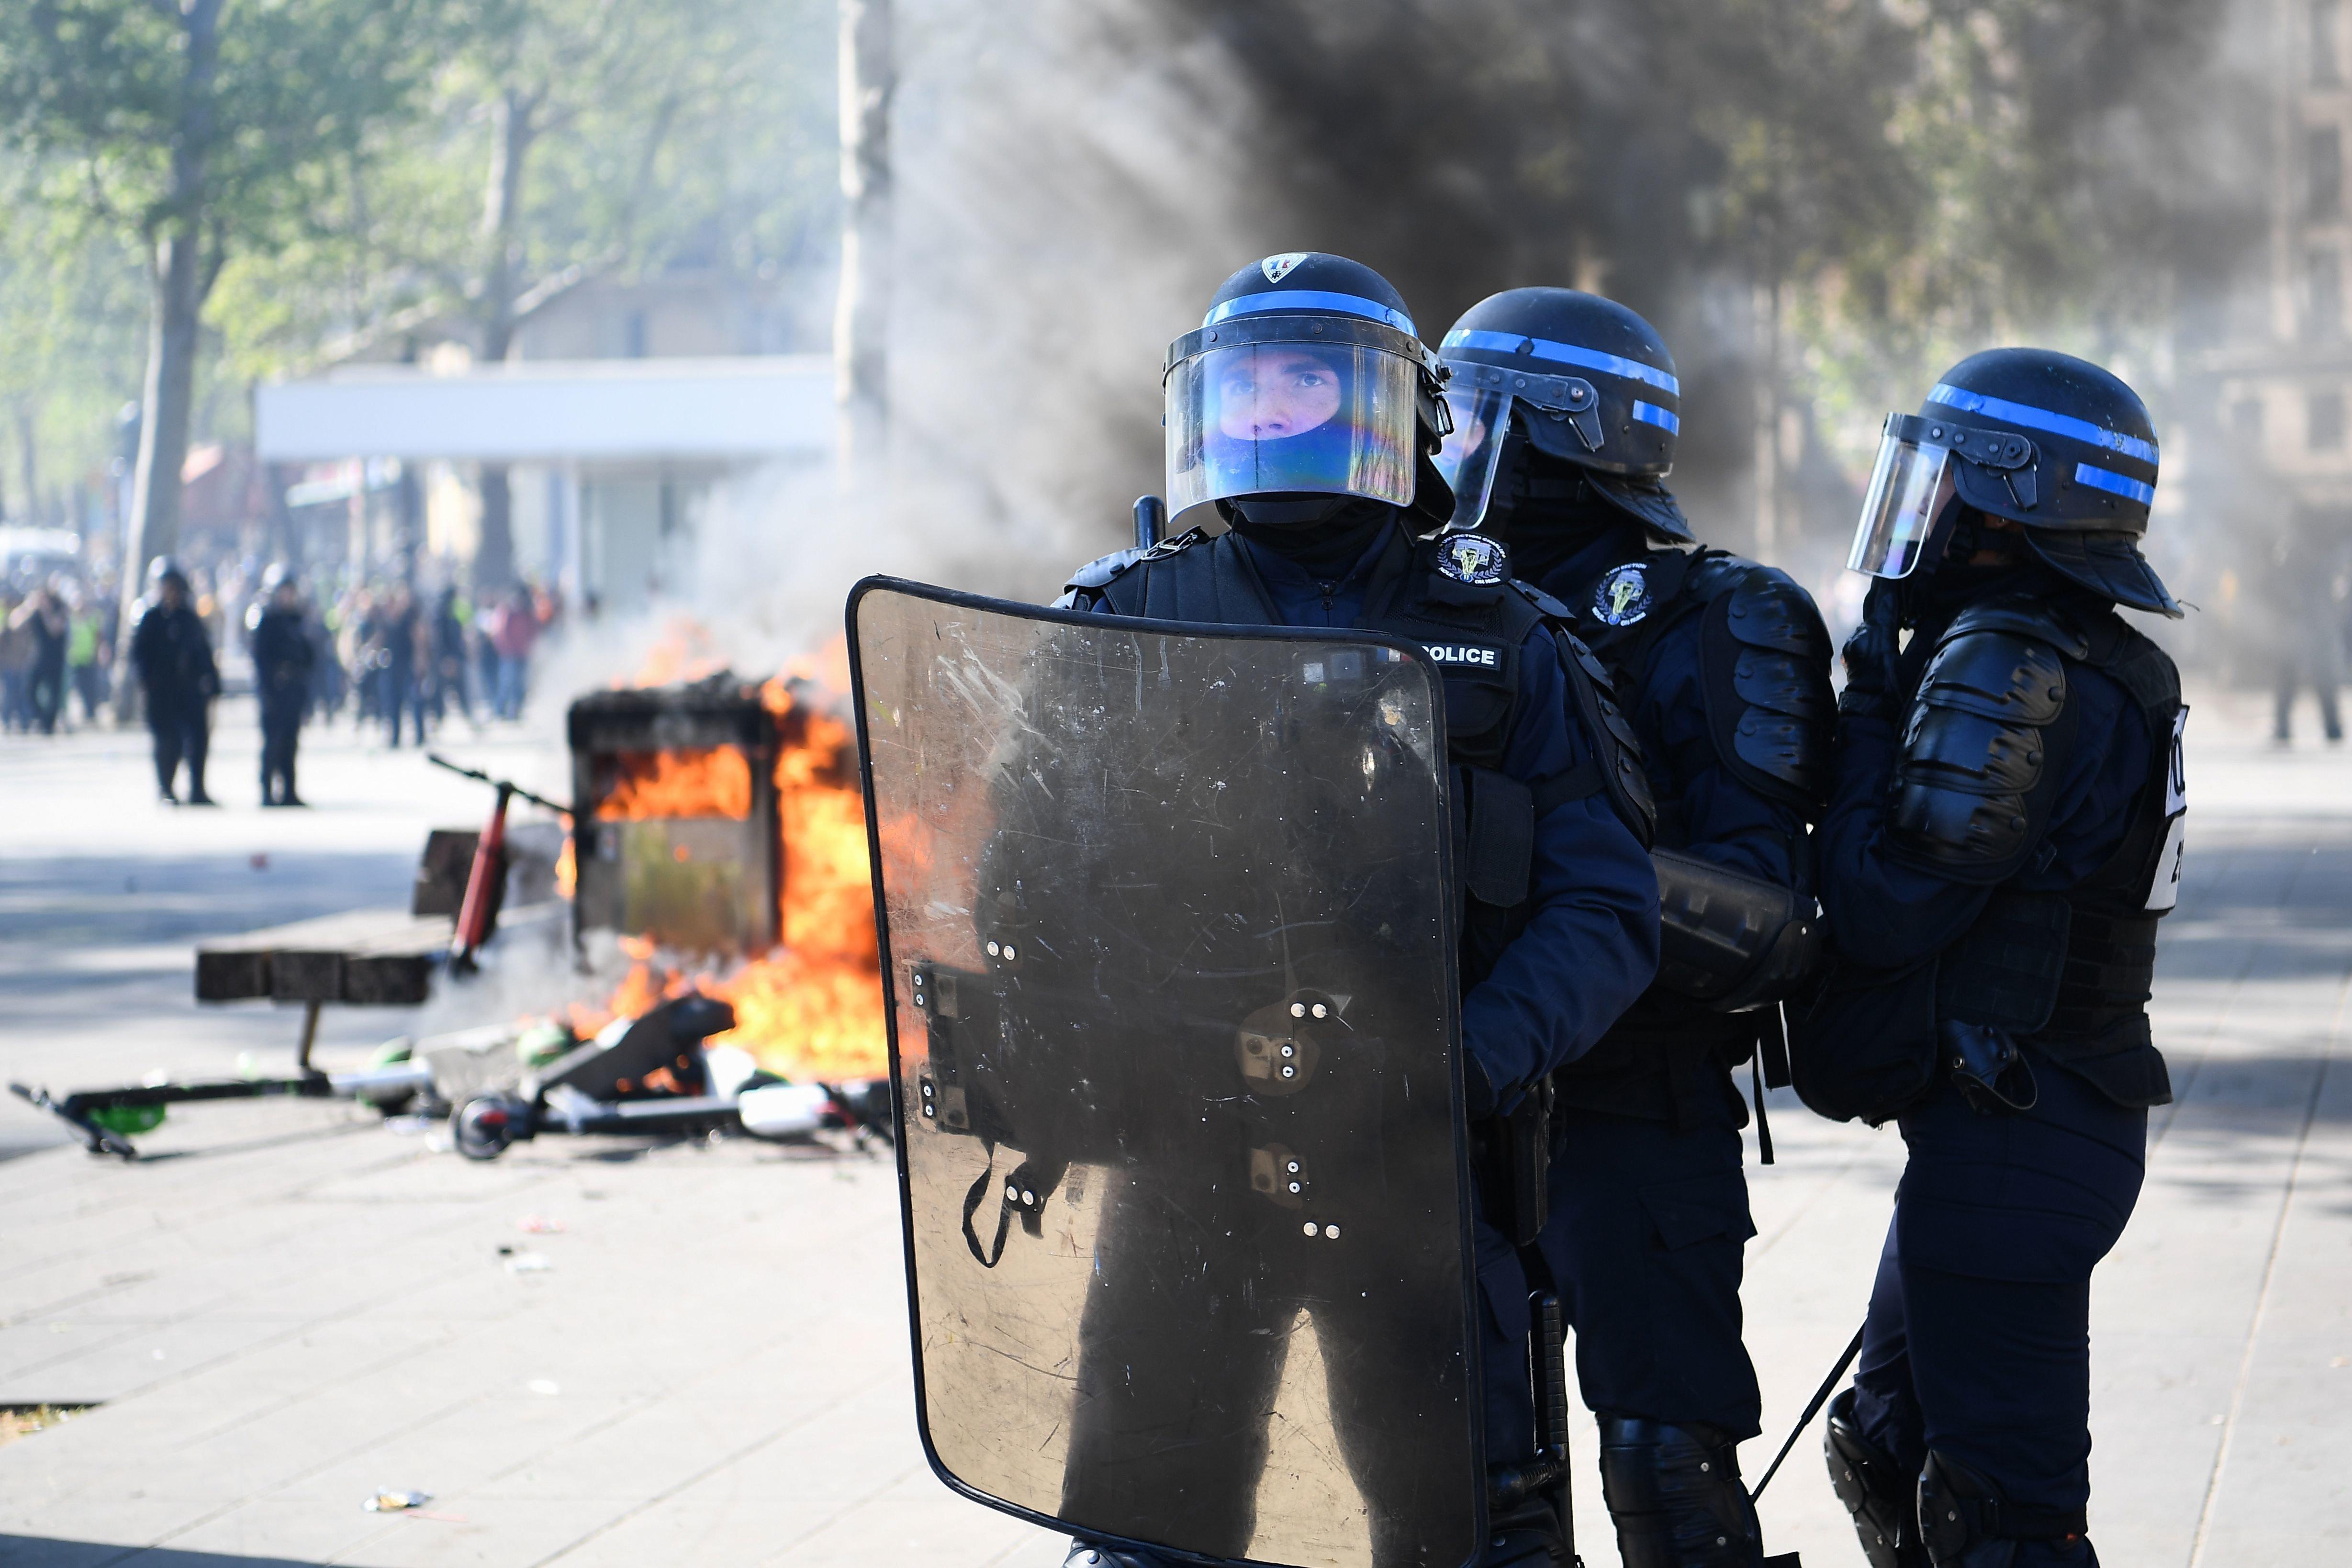 """Des gilets jaunes lancent """"Suicidez-vous"""" aux forces de l'ordre, des politiques"""